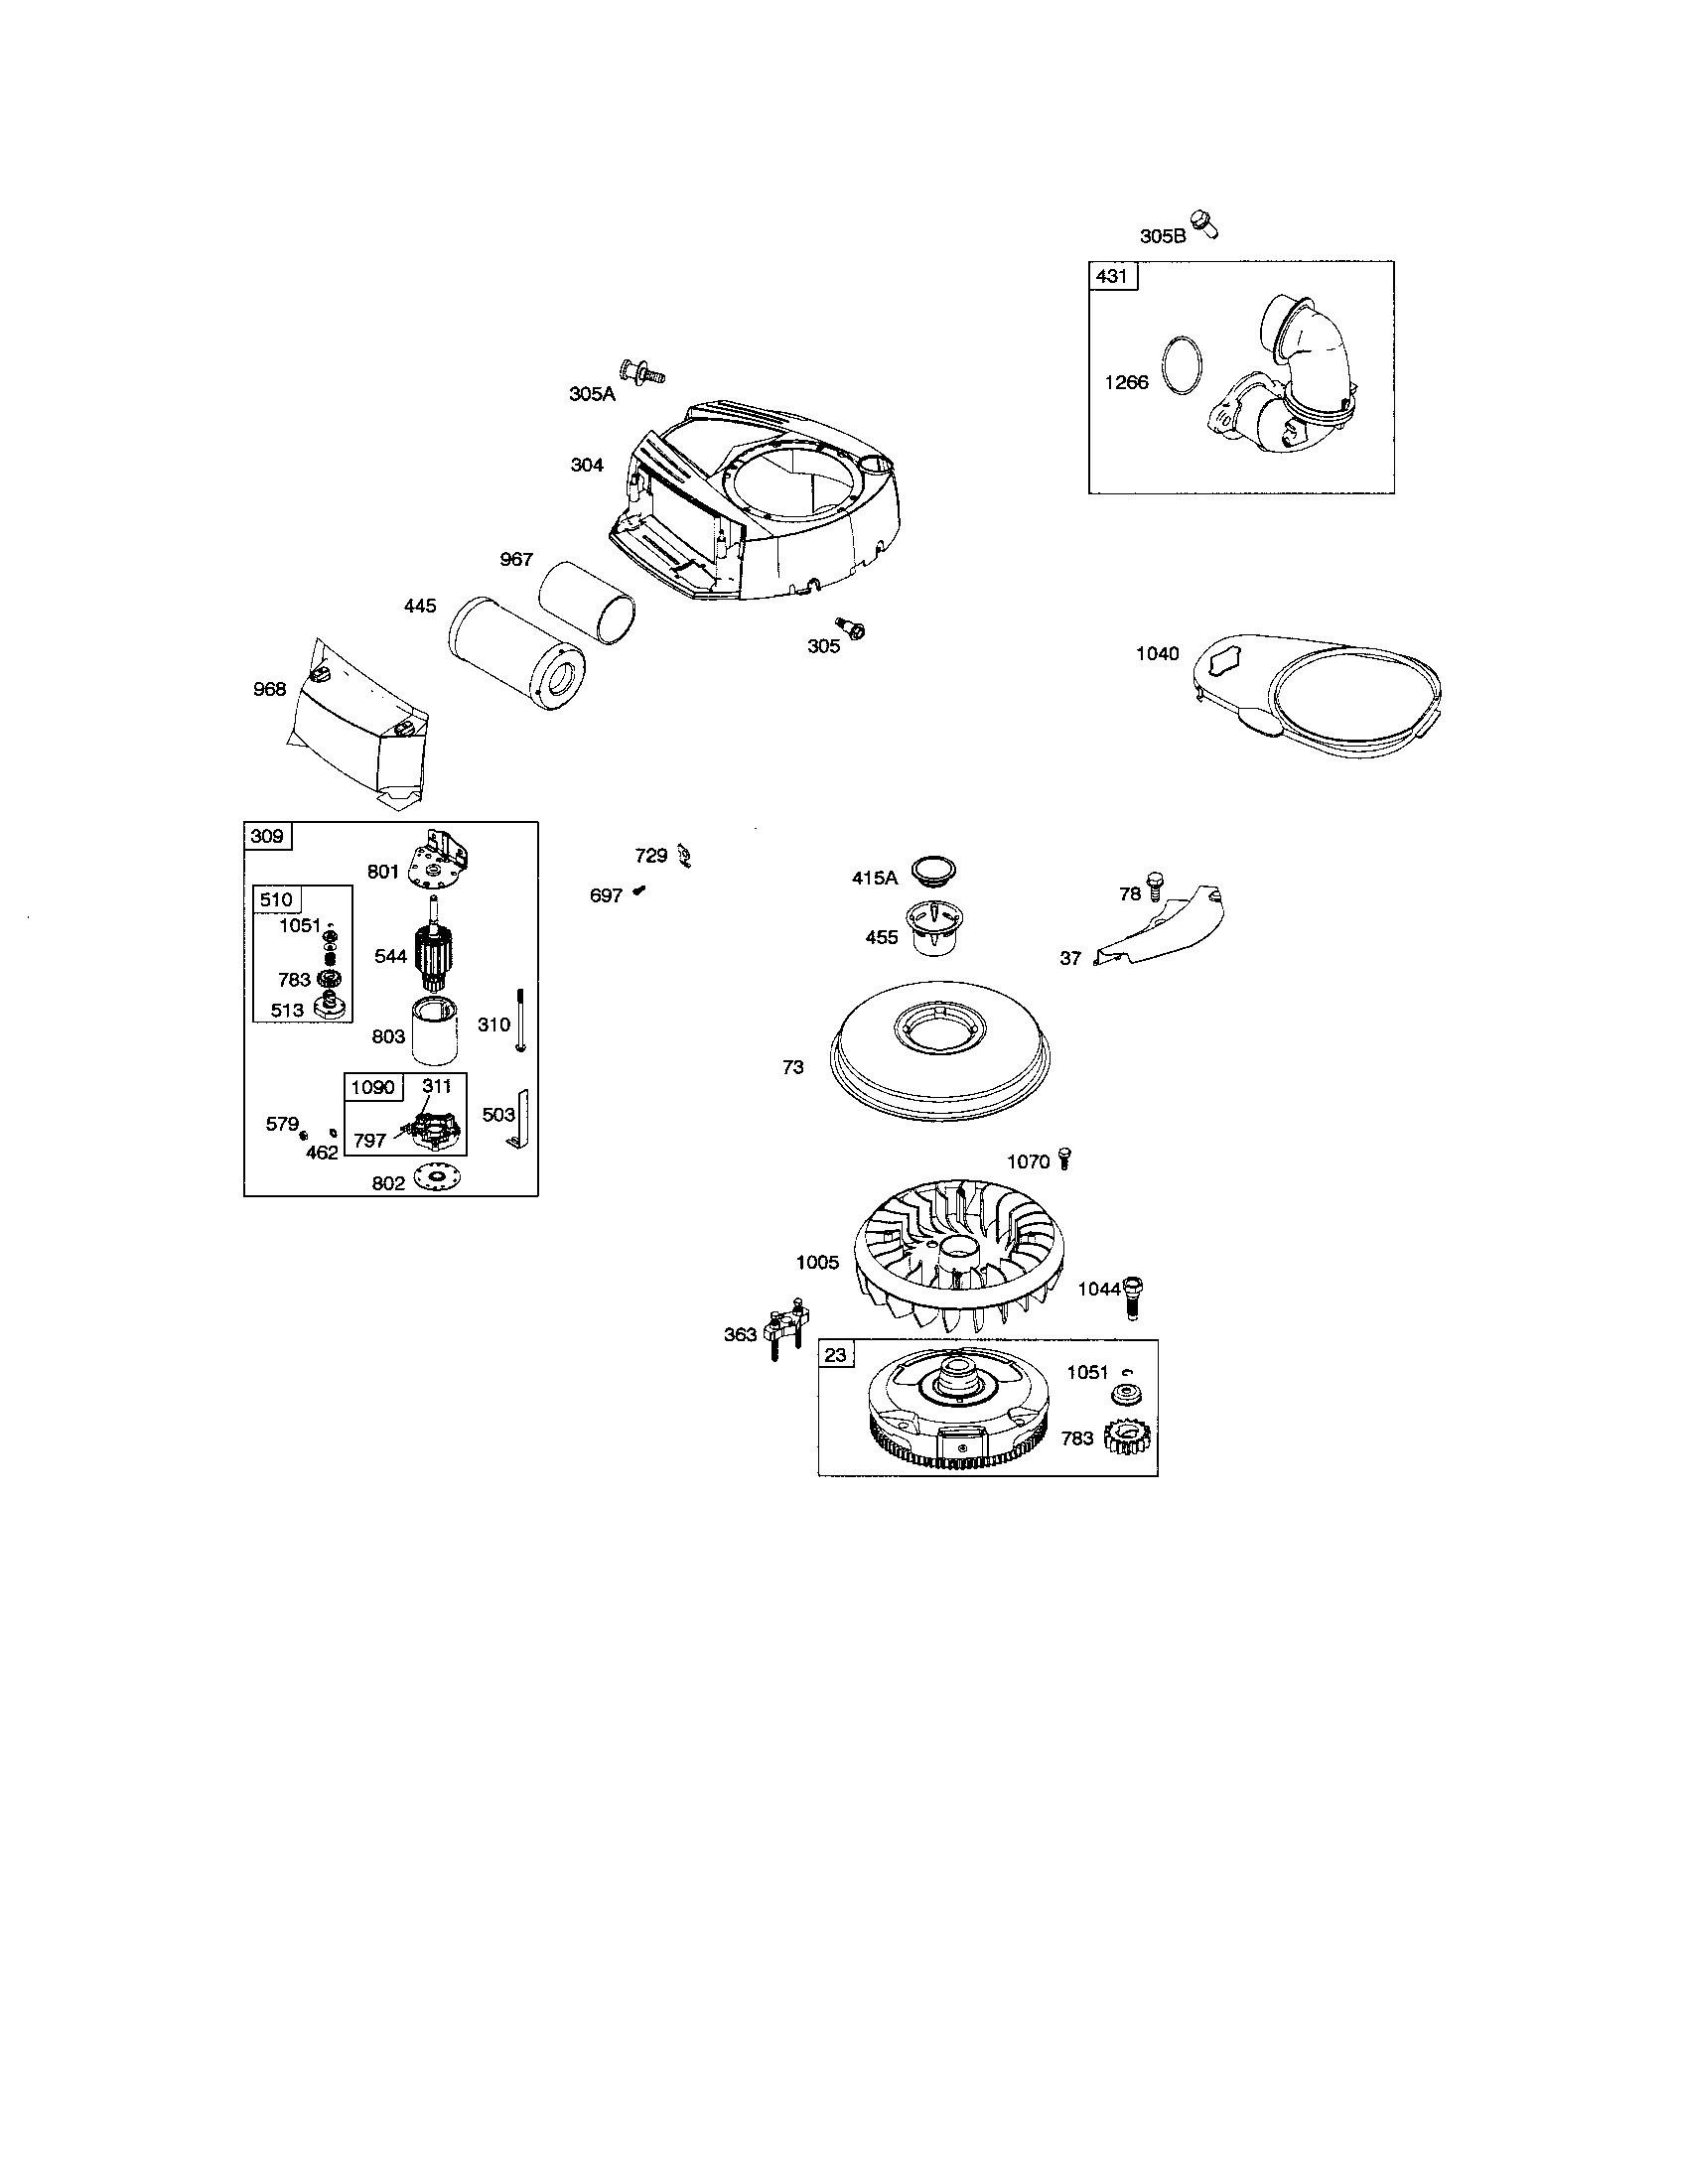 17.5 Intek Parts Diagram Briggs & Stratton 0805 E1 Lawn & Garden Engine Parts Of 17.5 Intek Parts Diagram